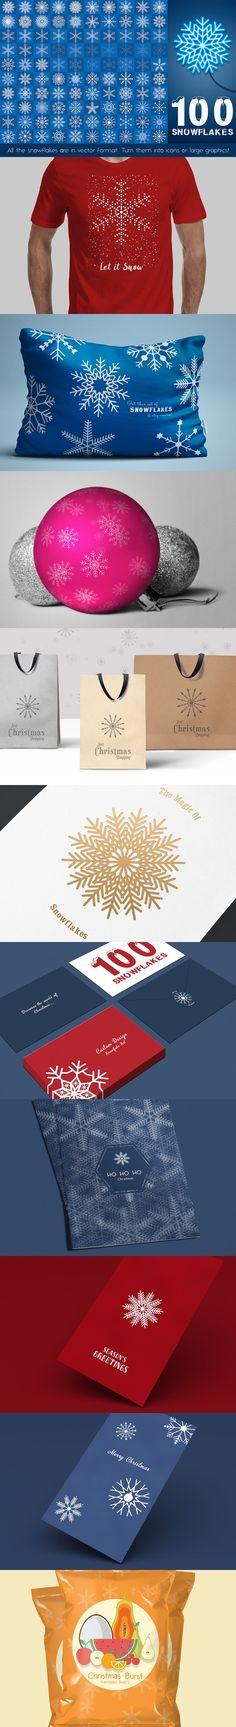 9efe0d0c9a57de3d38baf0f4e311f681 snowflakes vector illustrations jpg